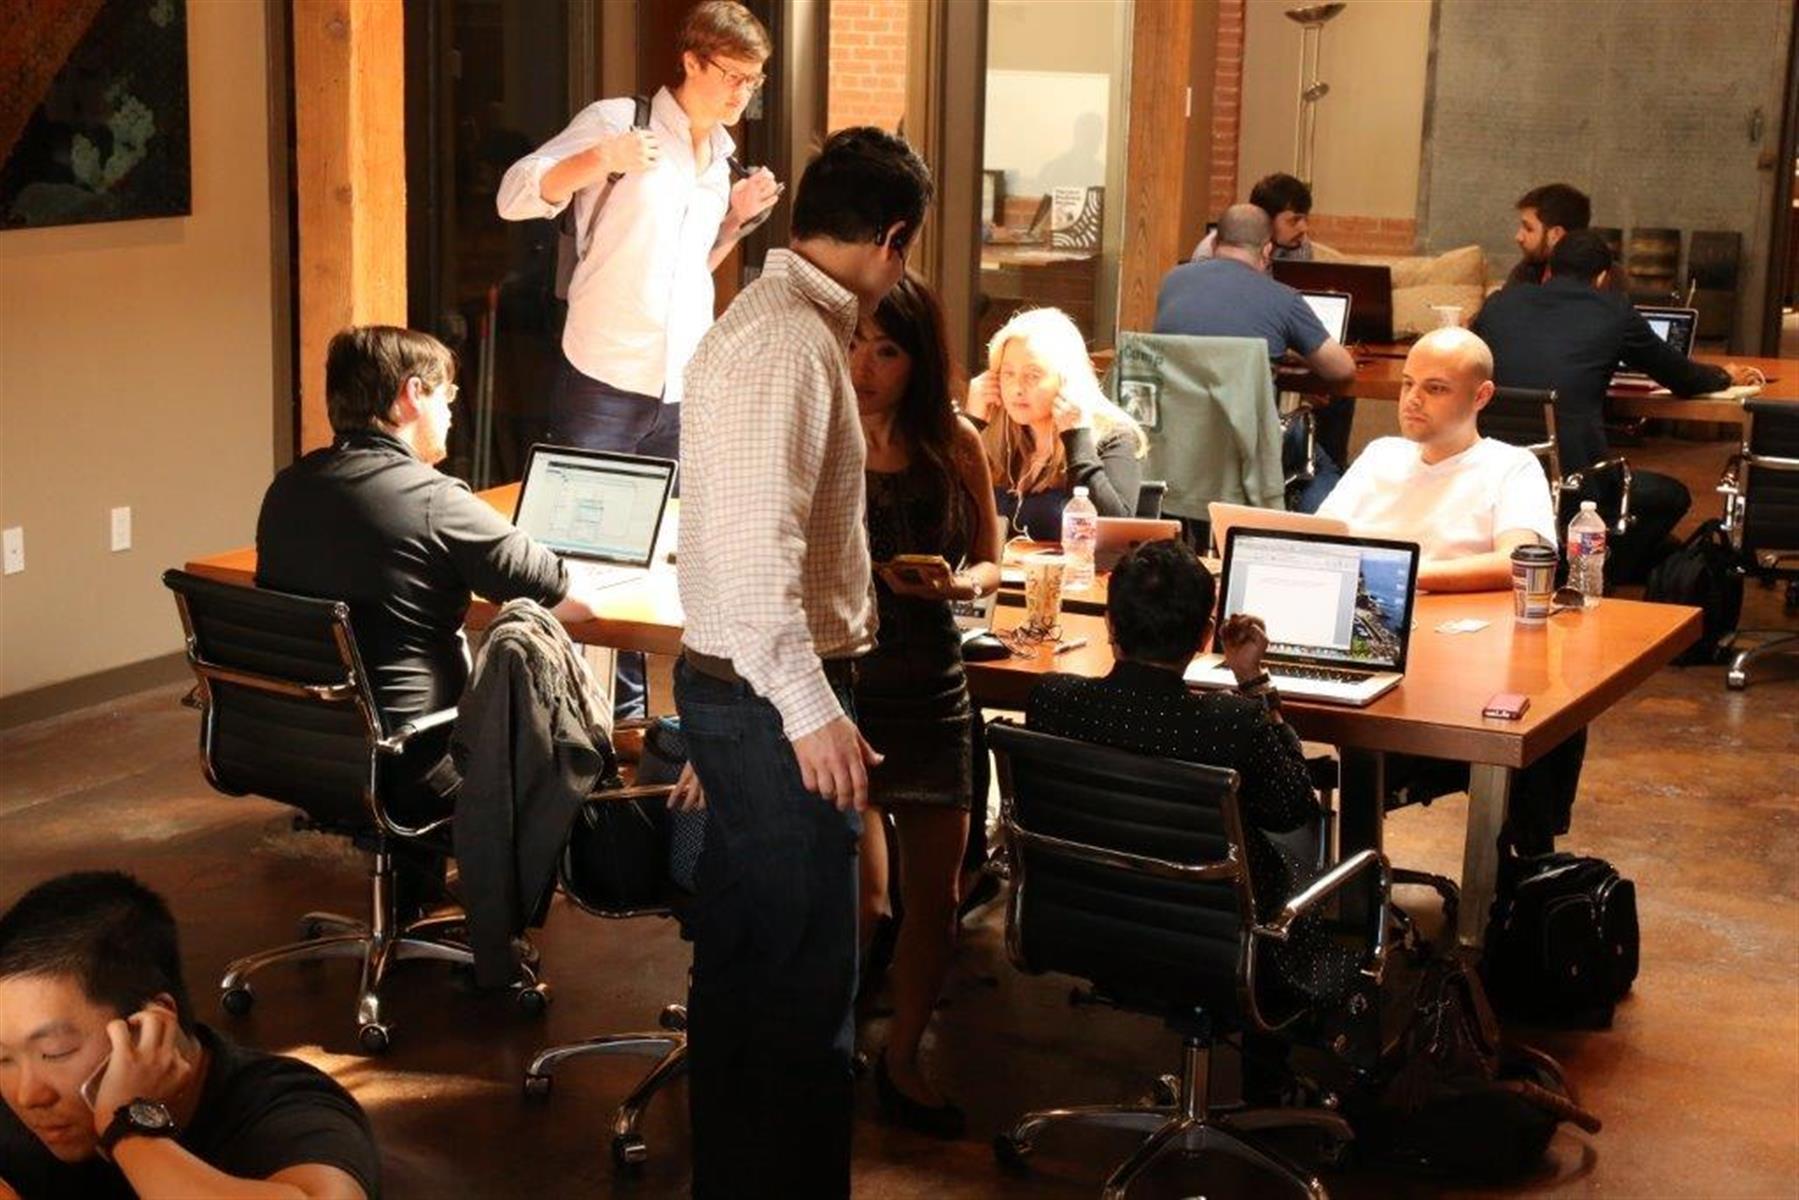 Dallas GeniusDen - Deep Ellum Downtown - GeniusDen Open Desk